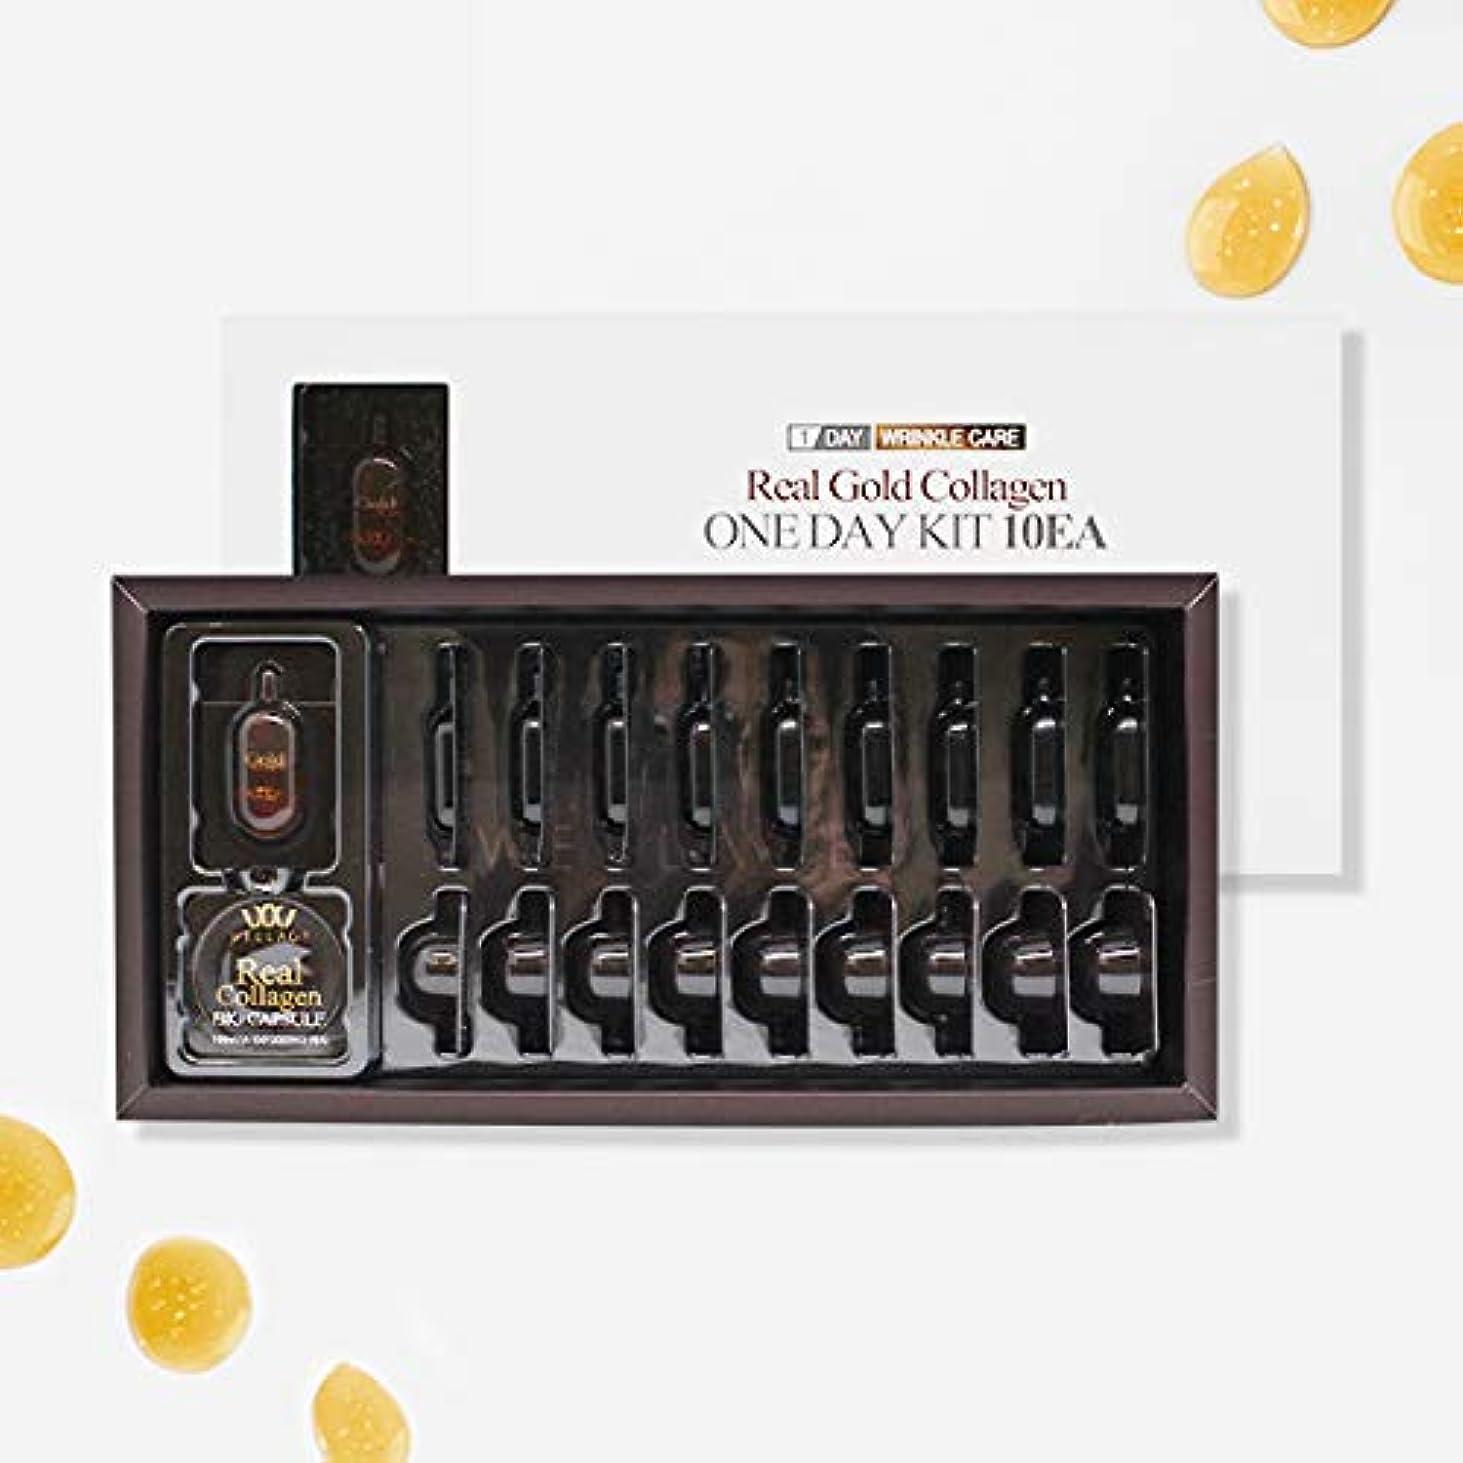 保安に同意するノベルティWELLAGE(ウェラージュ) リアルゴールドワンデーキットバイオカプセル 10EA (しわケア)/ Real Gold One Day Kit Bio Capsule